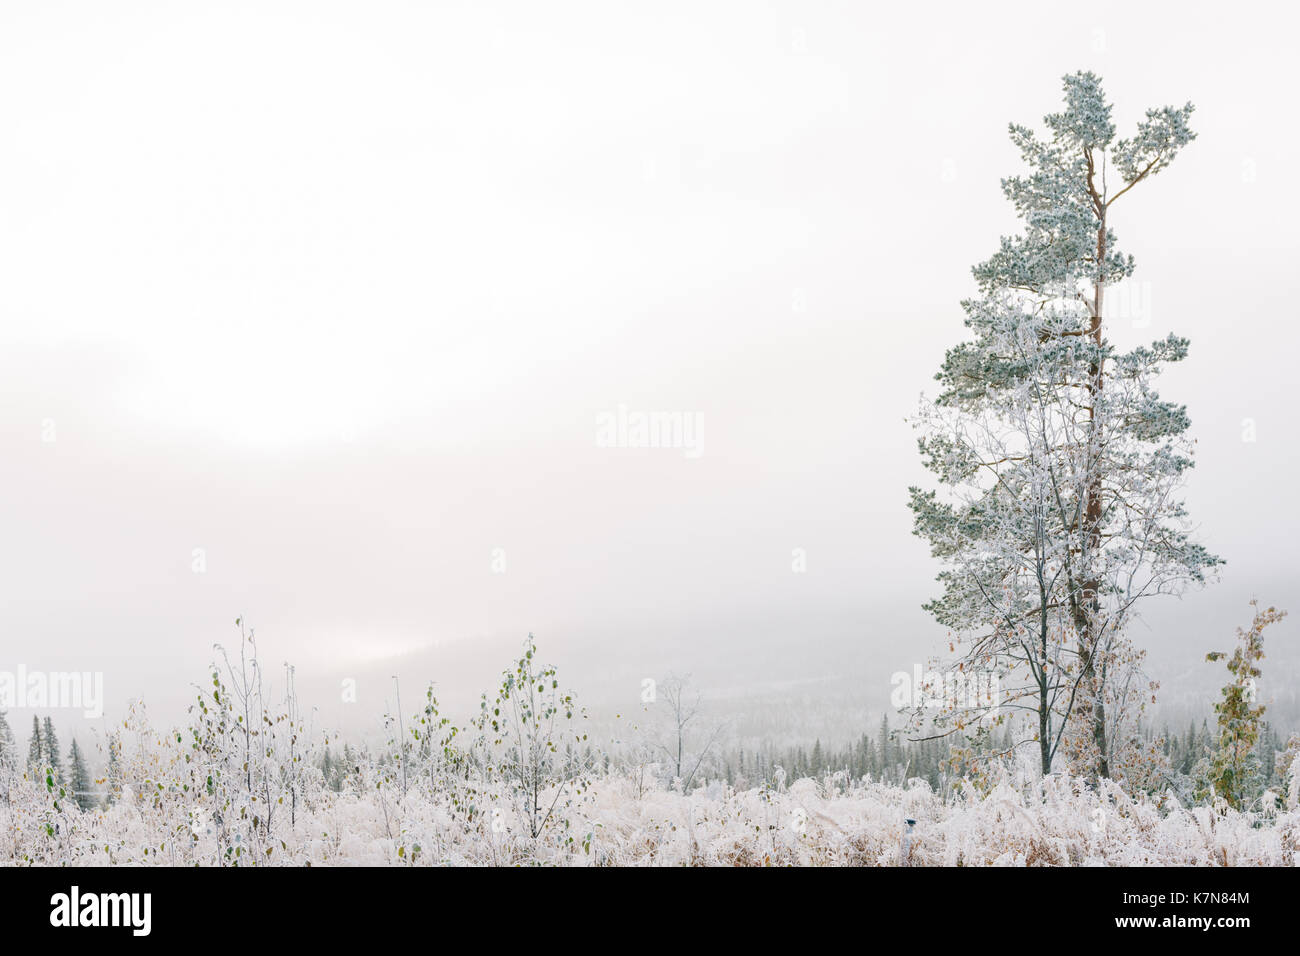 Ein Baum im Nebel und Frost Stockfoto